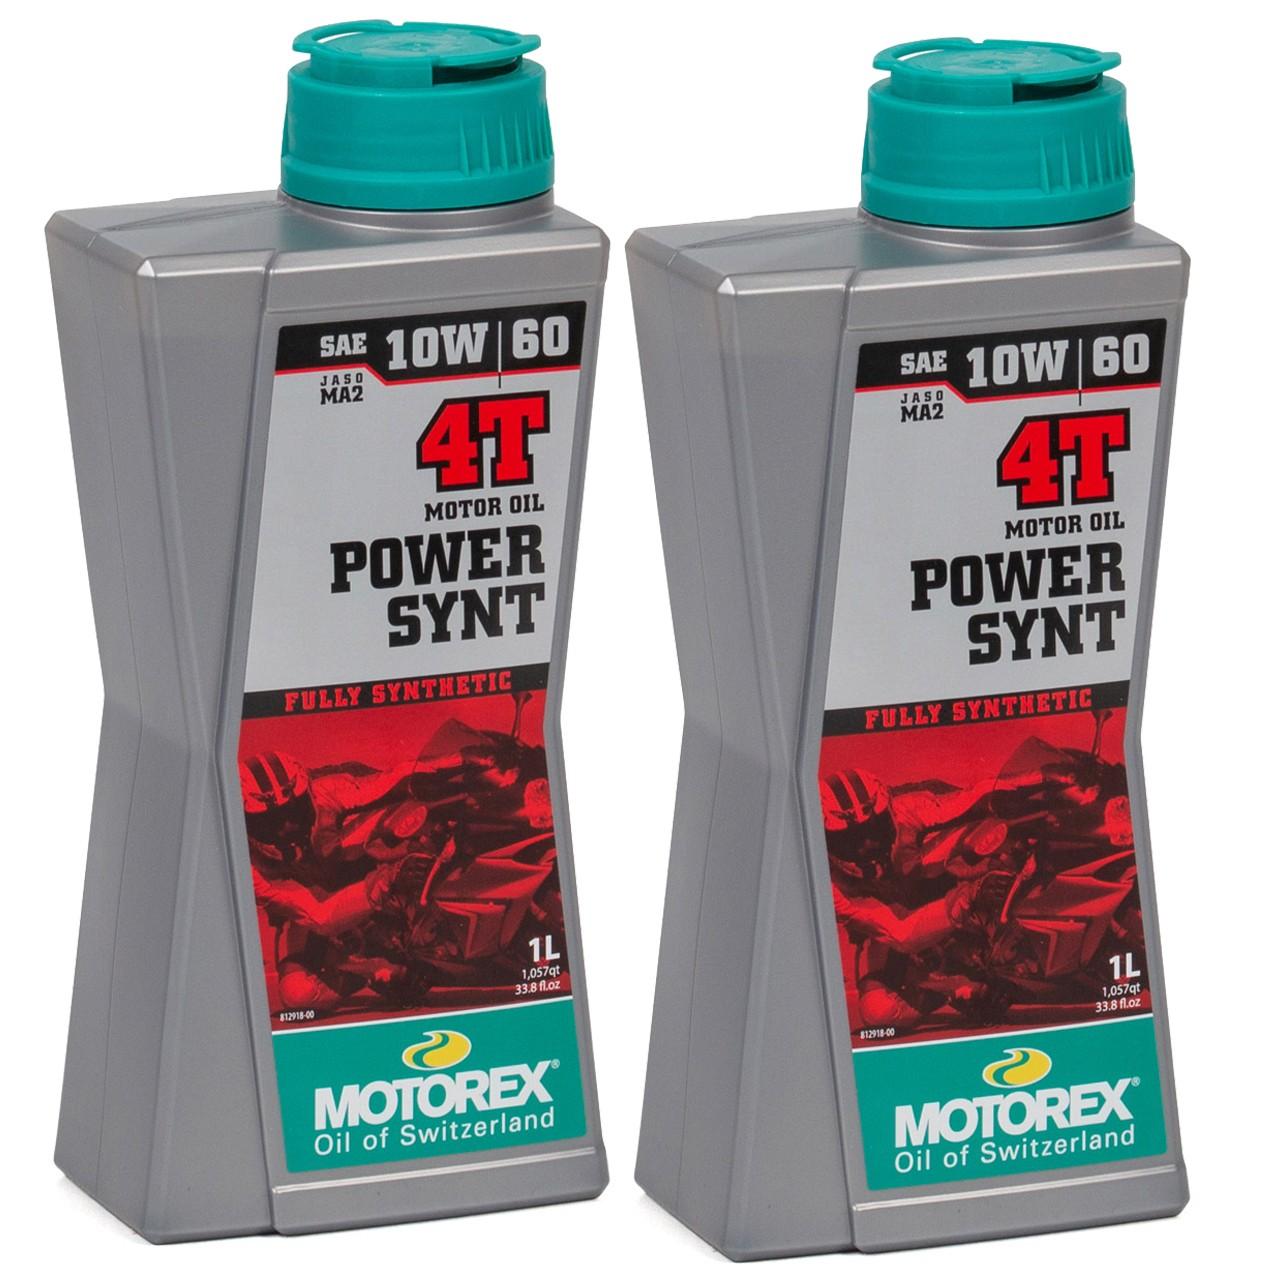 MOTOREX Power Synt 4T Motoröl Öl 10W60 JASO MA2 API SL/SH/SG - 2L 2 Liter